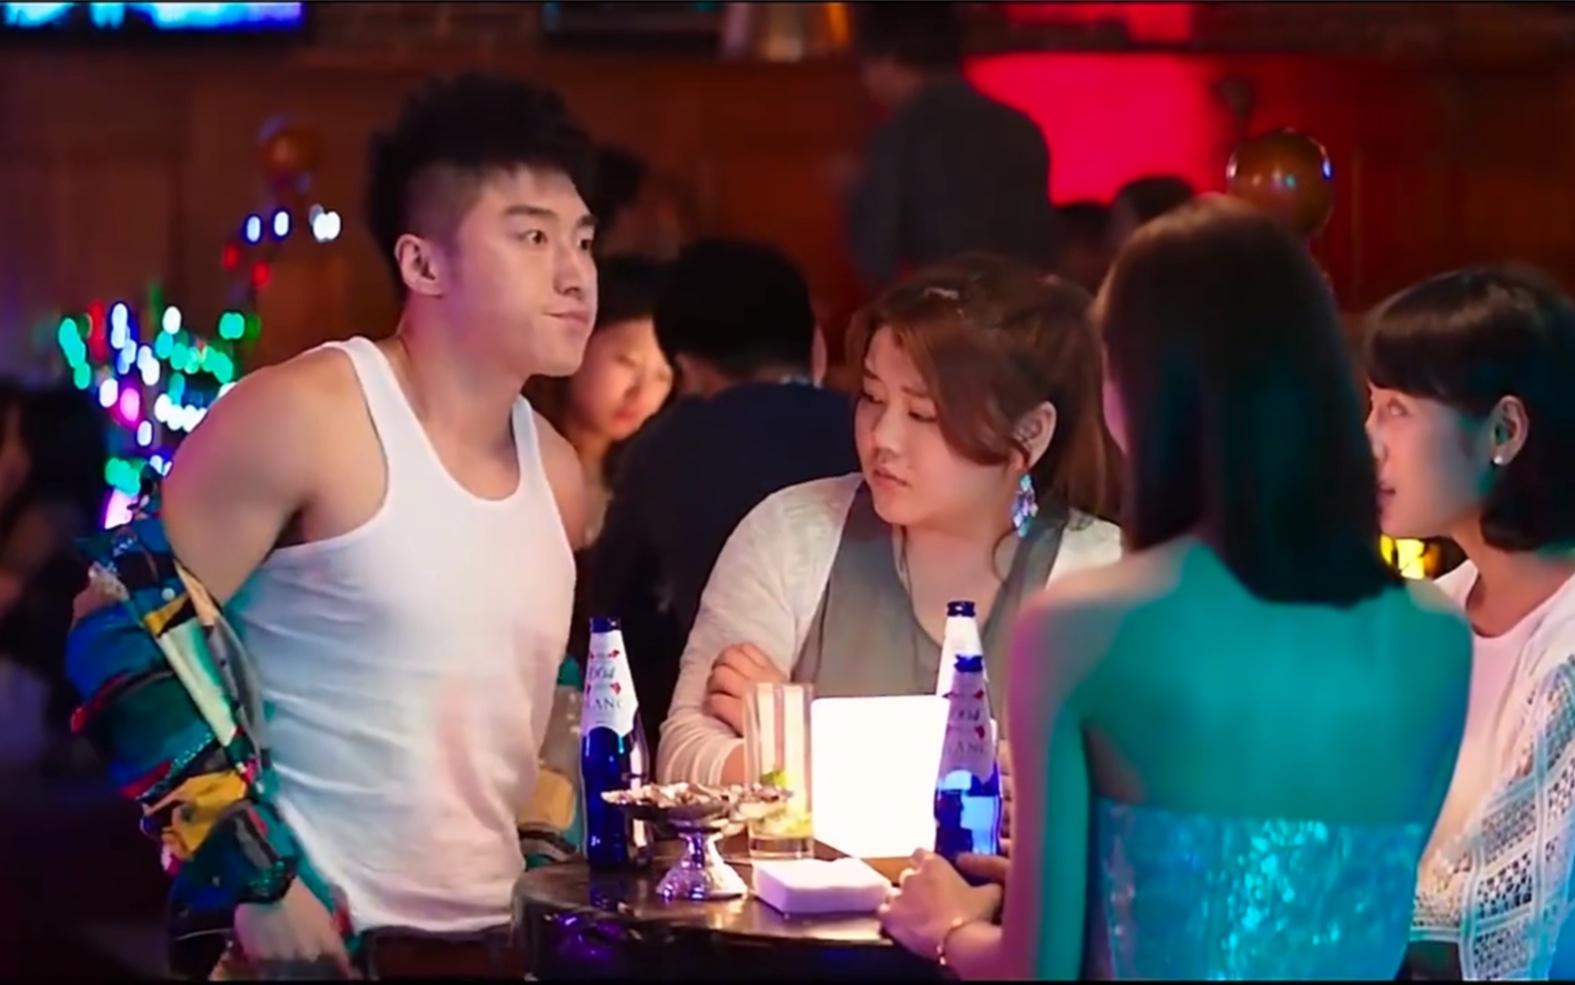 酒吧找陌生姑娘要微信,我只佩服你!!!幸福